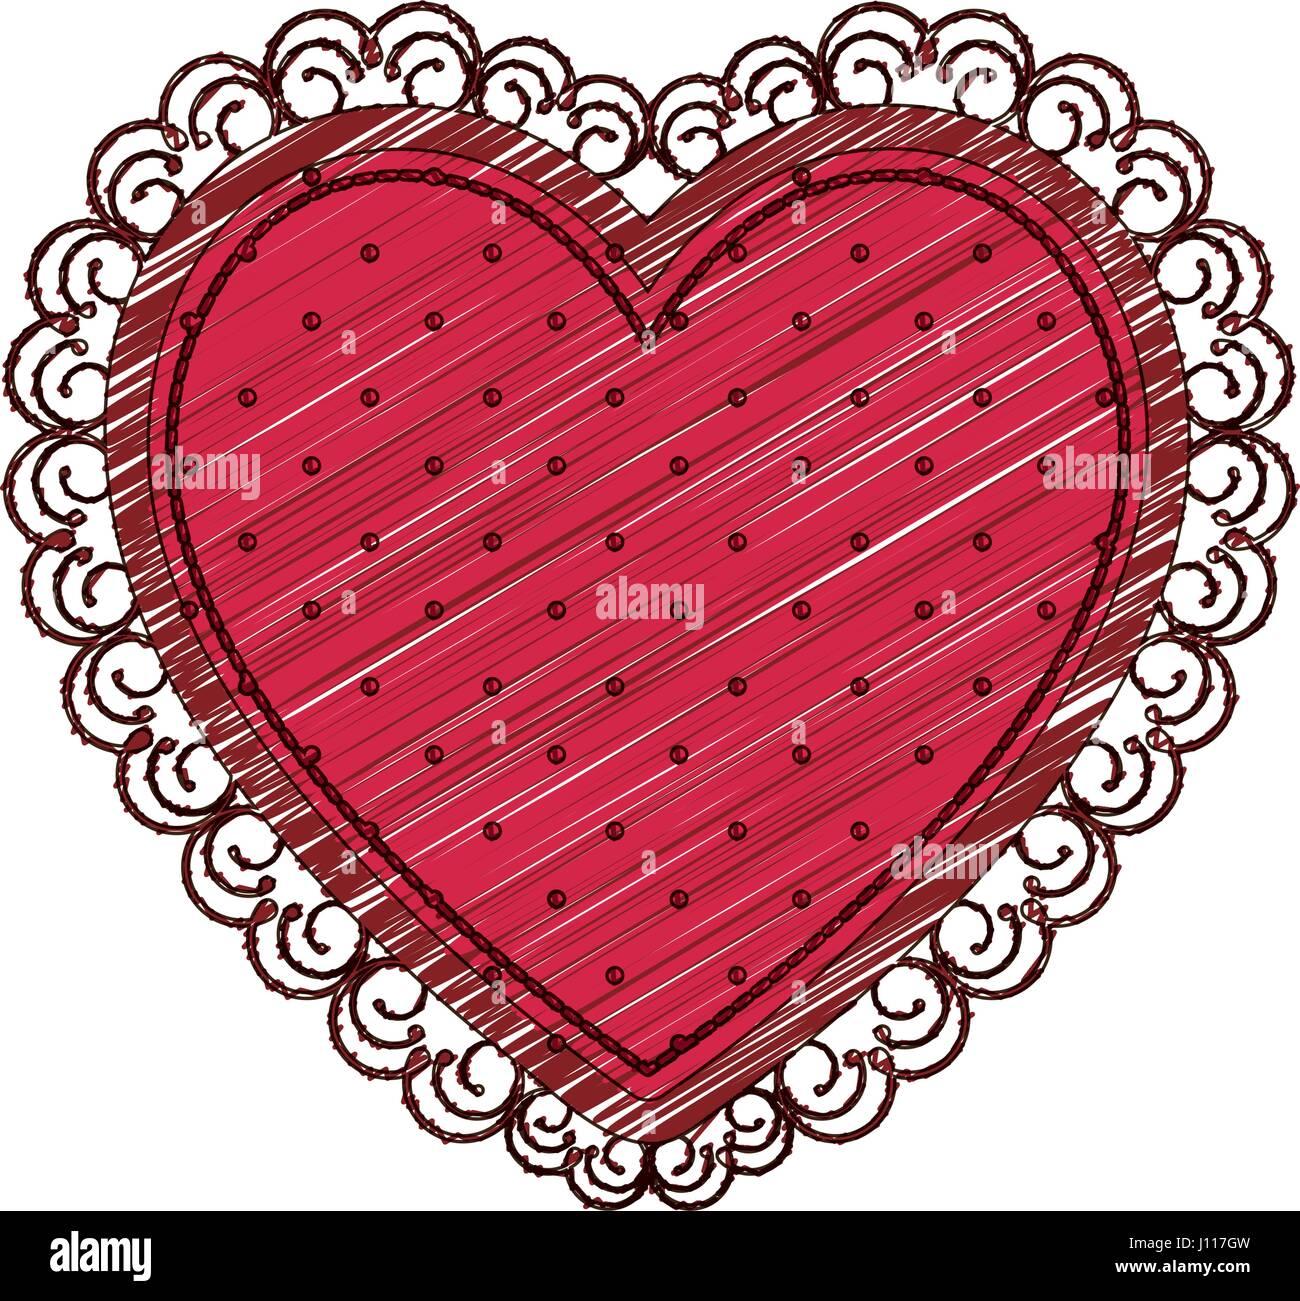 Image Avec Des Coeur dessin au crayon de couleur de coeur avec cadre décoratif de couleur